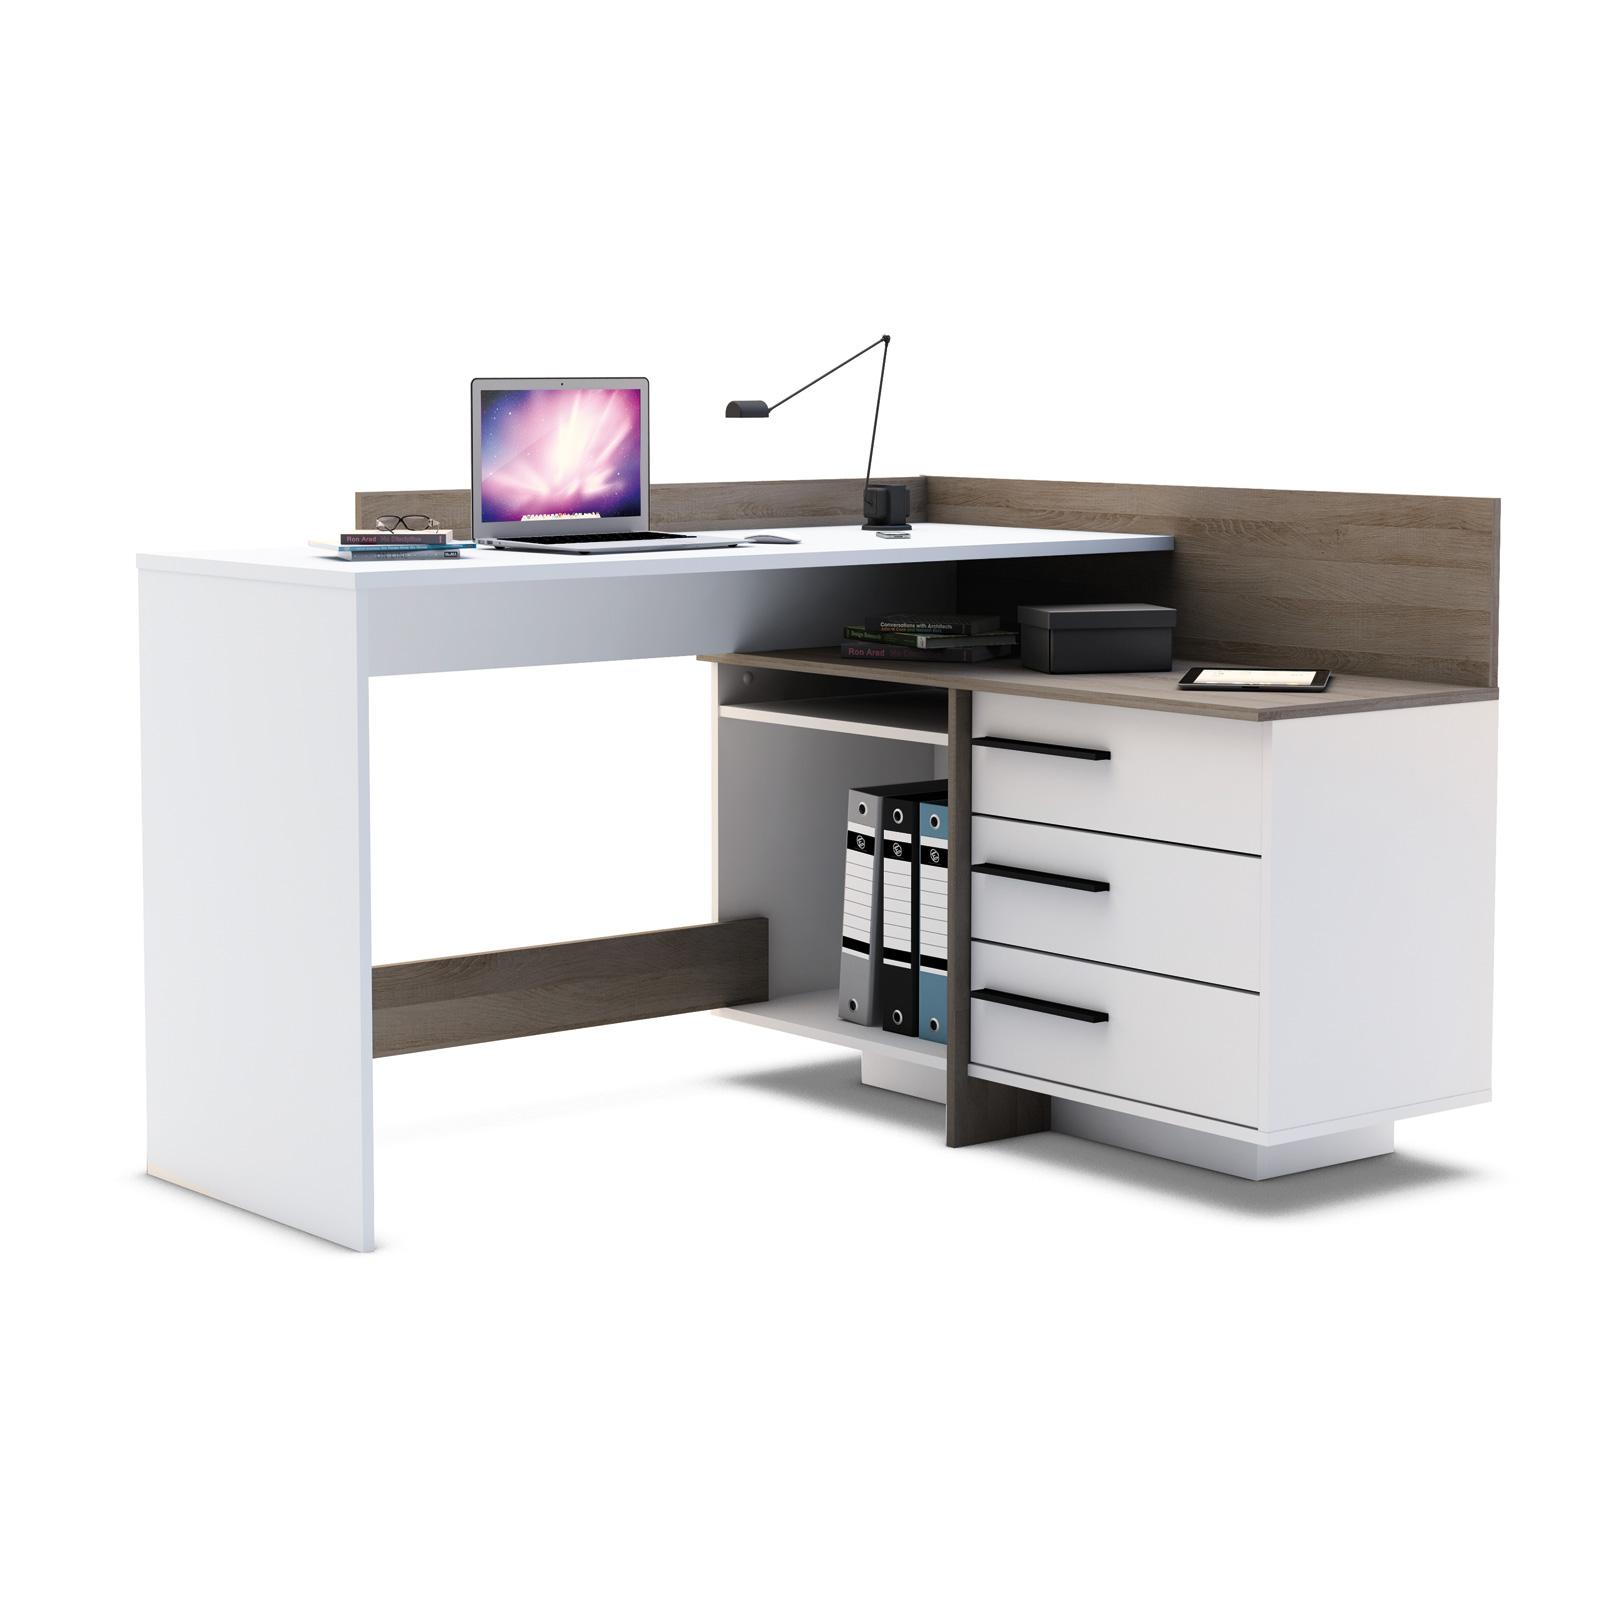 Eckschreibtisch holz weiß  toller Schreibtisch Thales - Eckschreibtisch | eBay